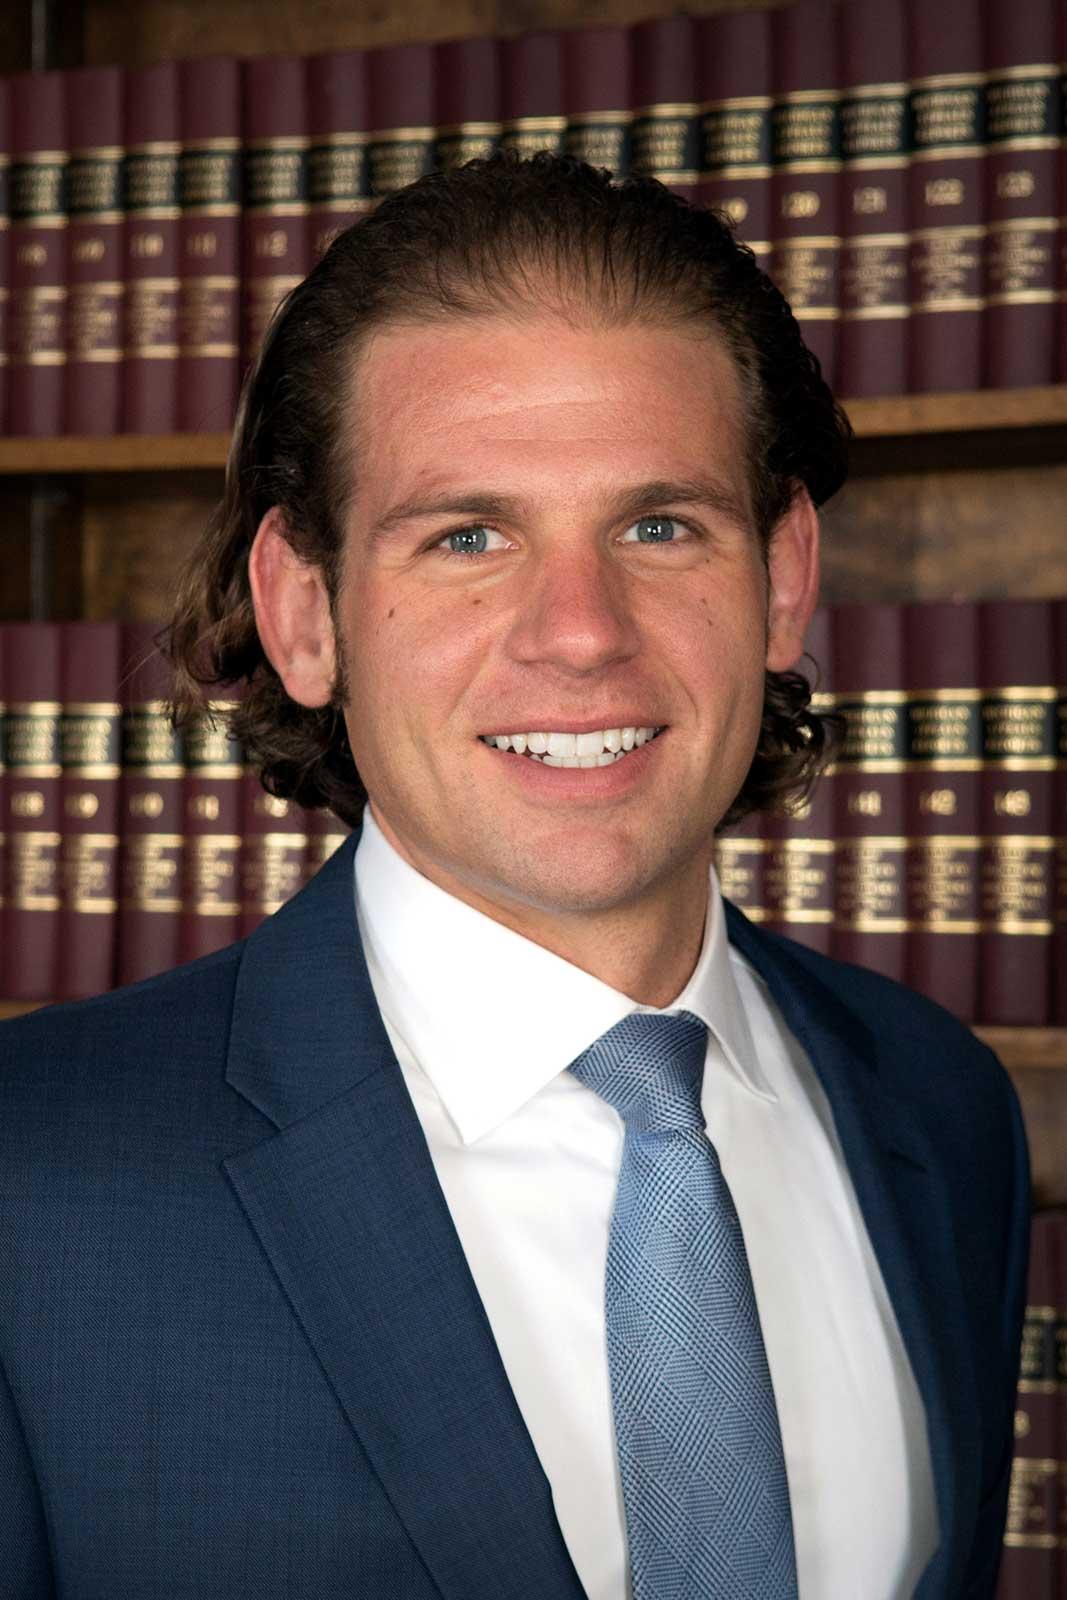 Attorney Jon Marko